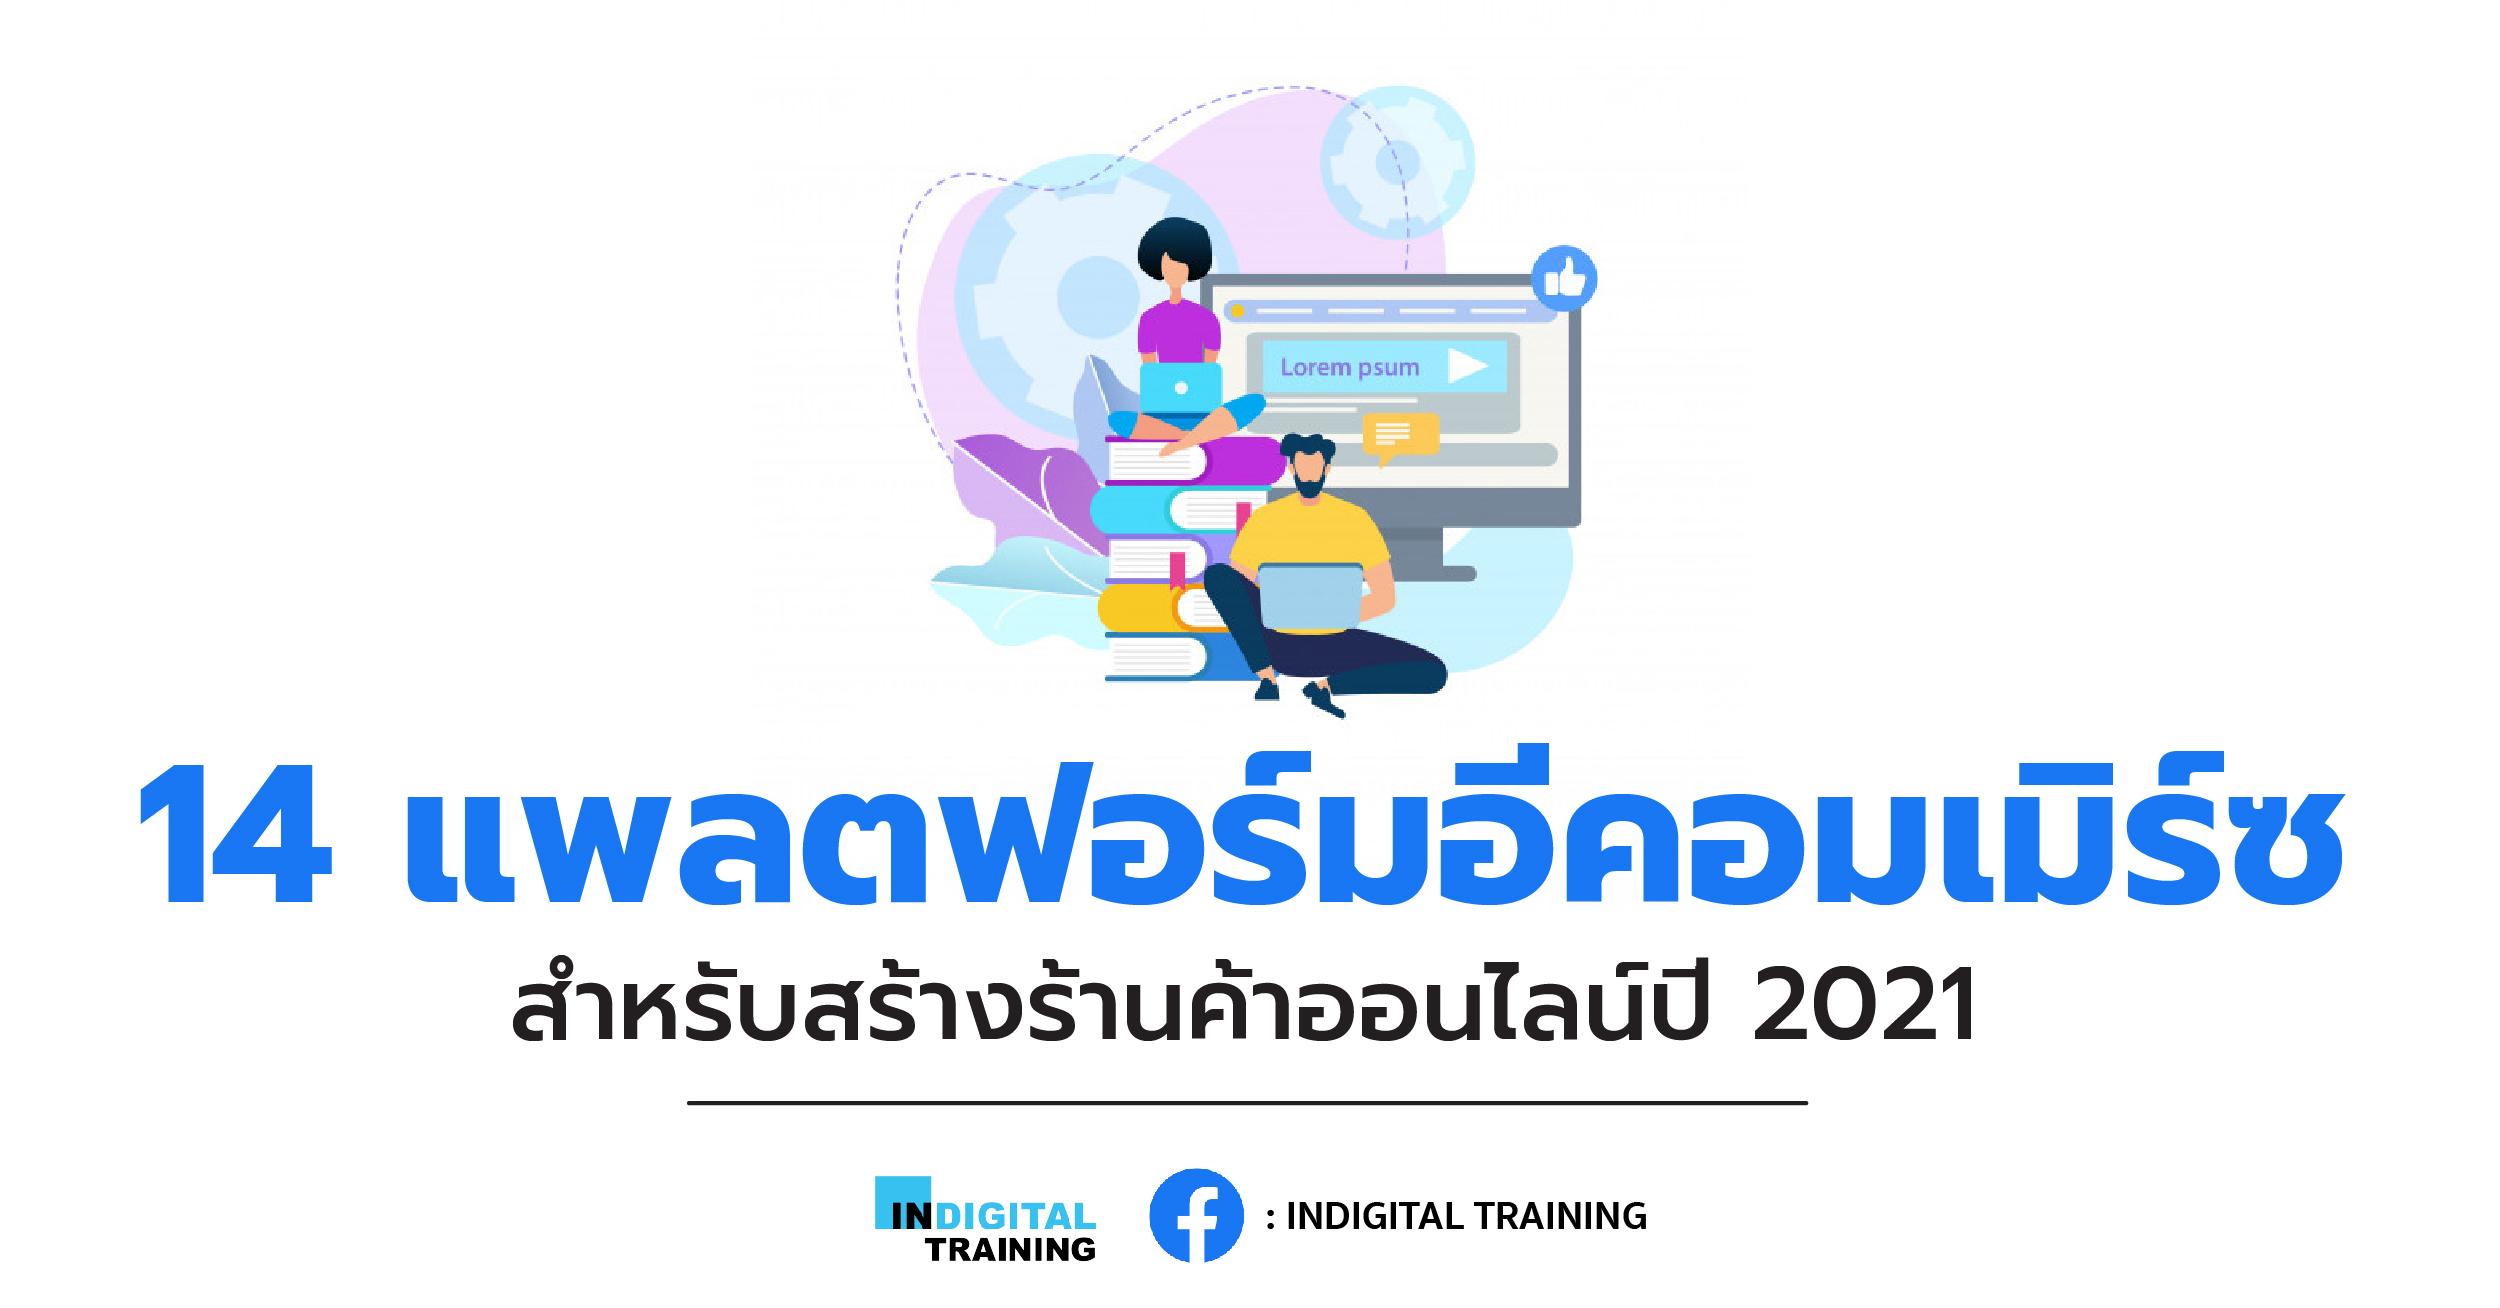 14 แพลตฟอร์มอีคอมเมิร์ซสำหรับสร้างร้านค้าออนไลน์ปี 2021